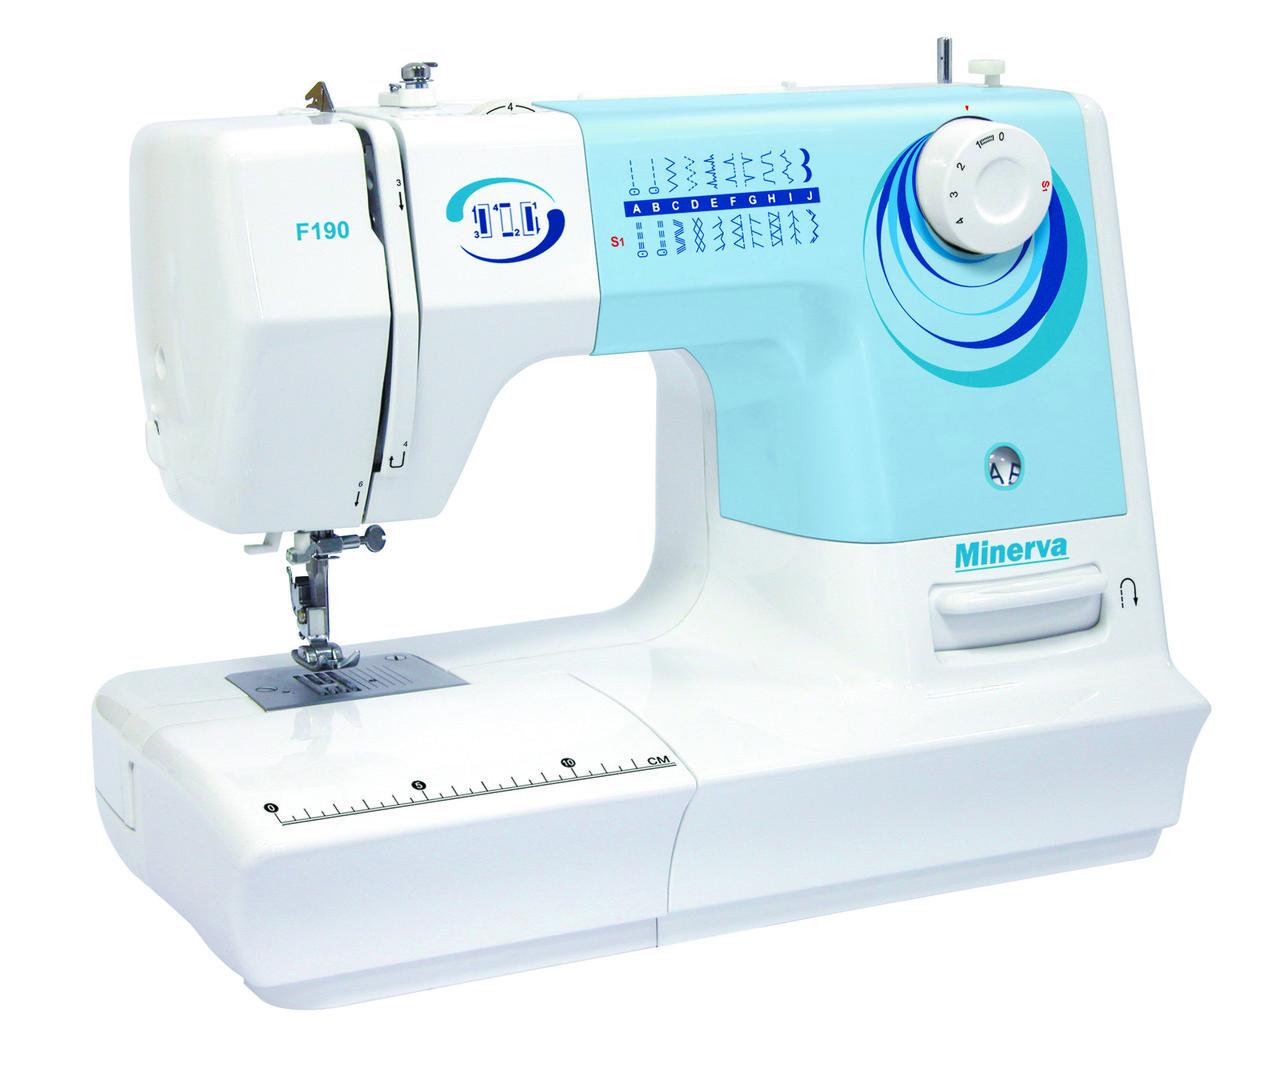 Бытовая швейная машина MINERVA F190